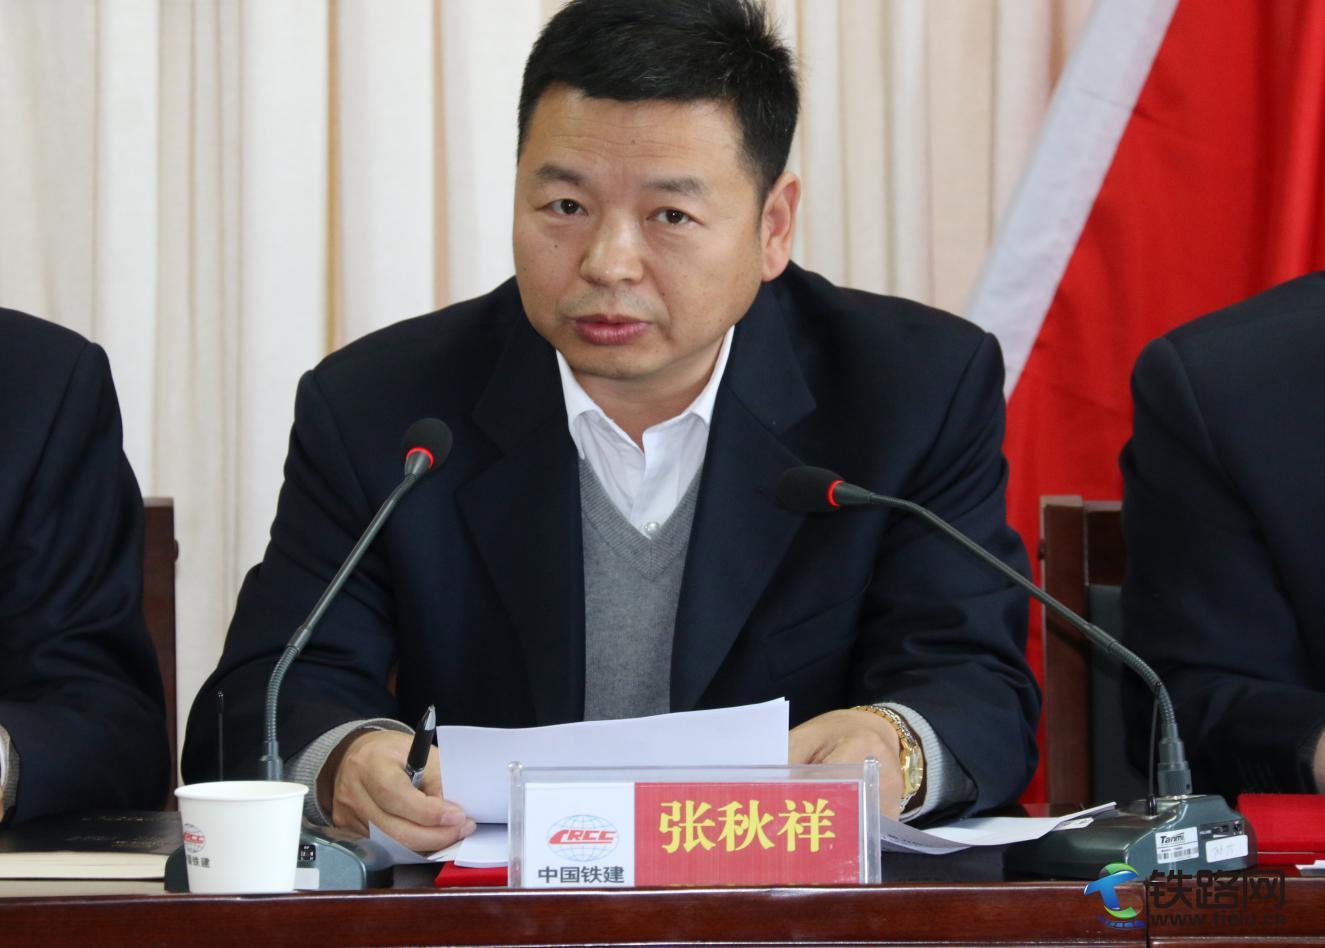 图为集团公司科技管理部副部长张秋祥讲话.jpg